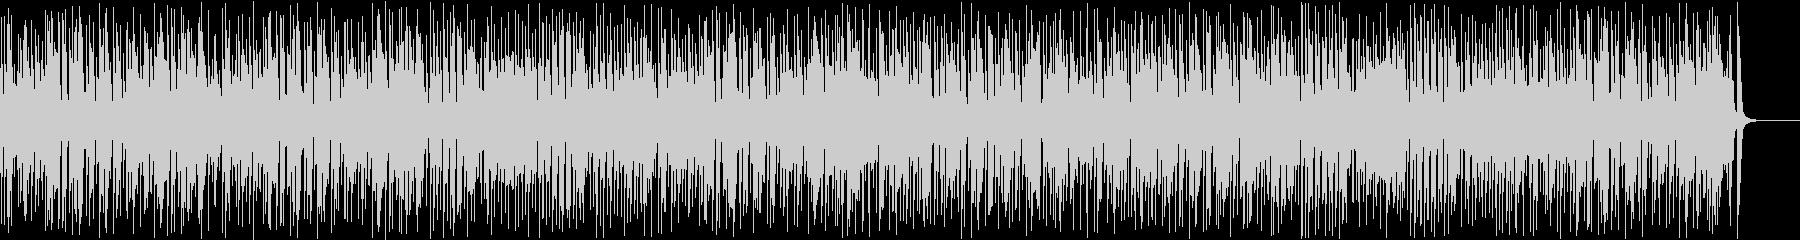 暗くて速いリズミカルなジプシージャズの未再生の波形